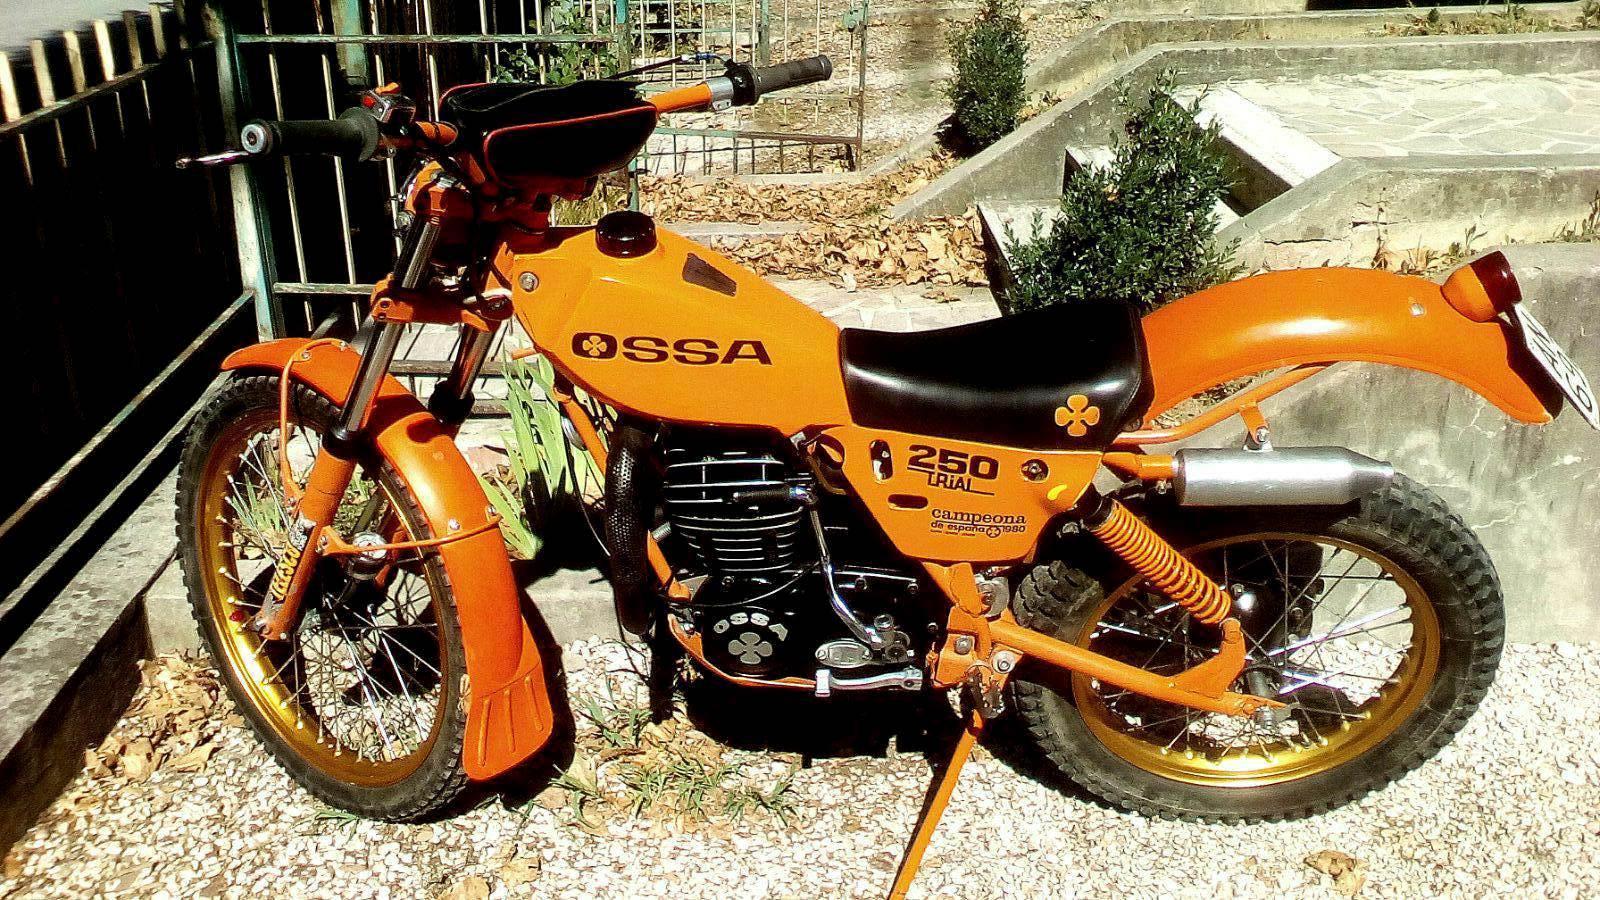 Ossa 250 1980